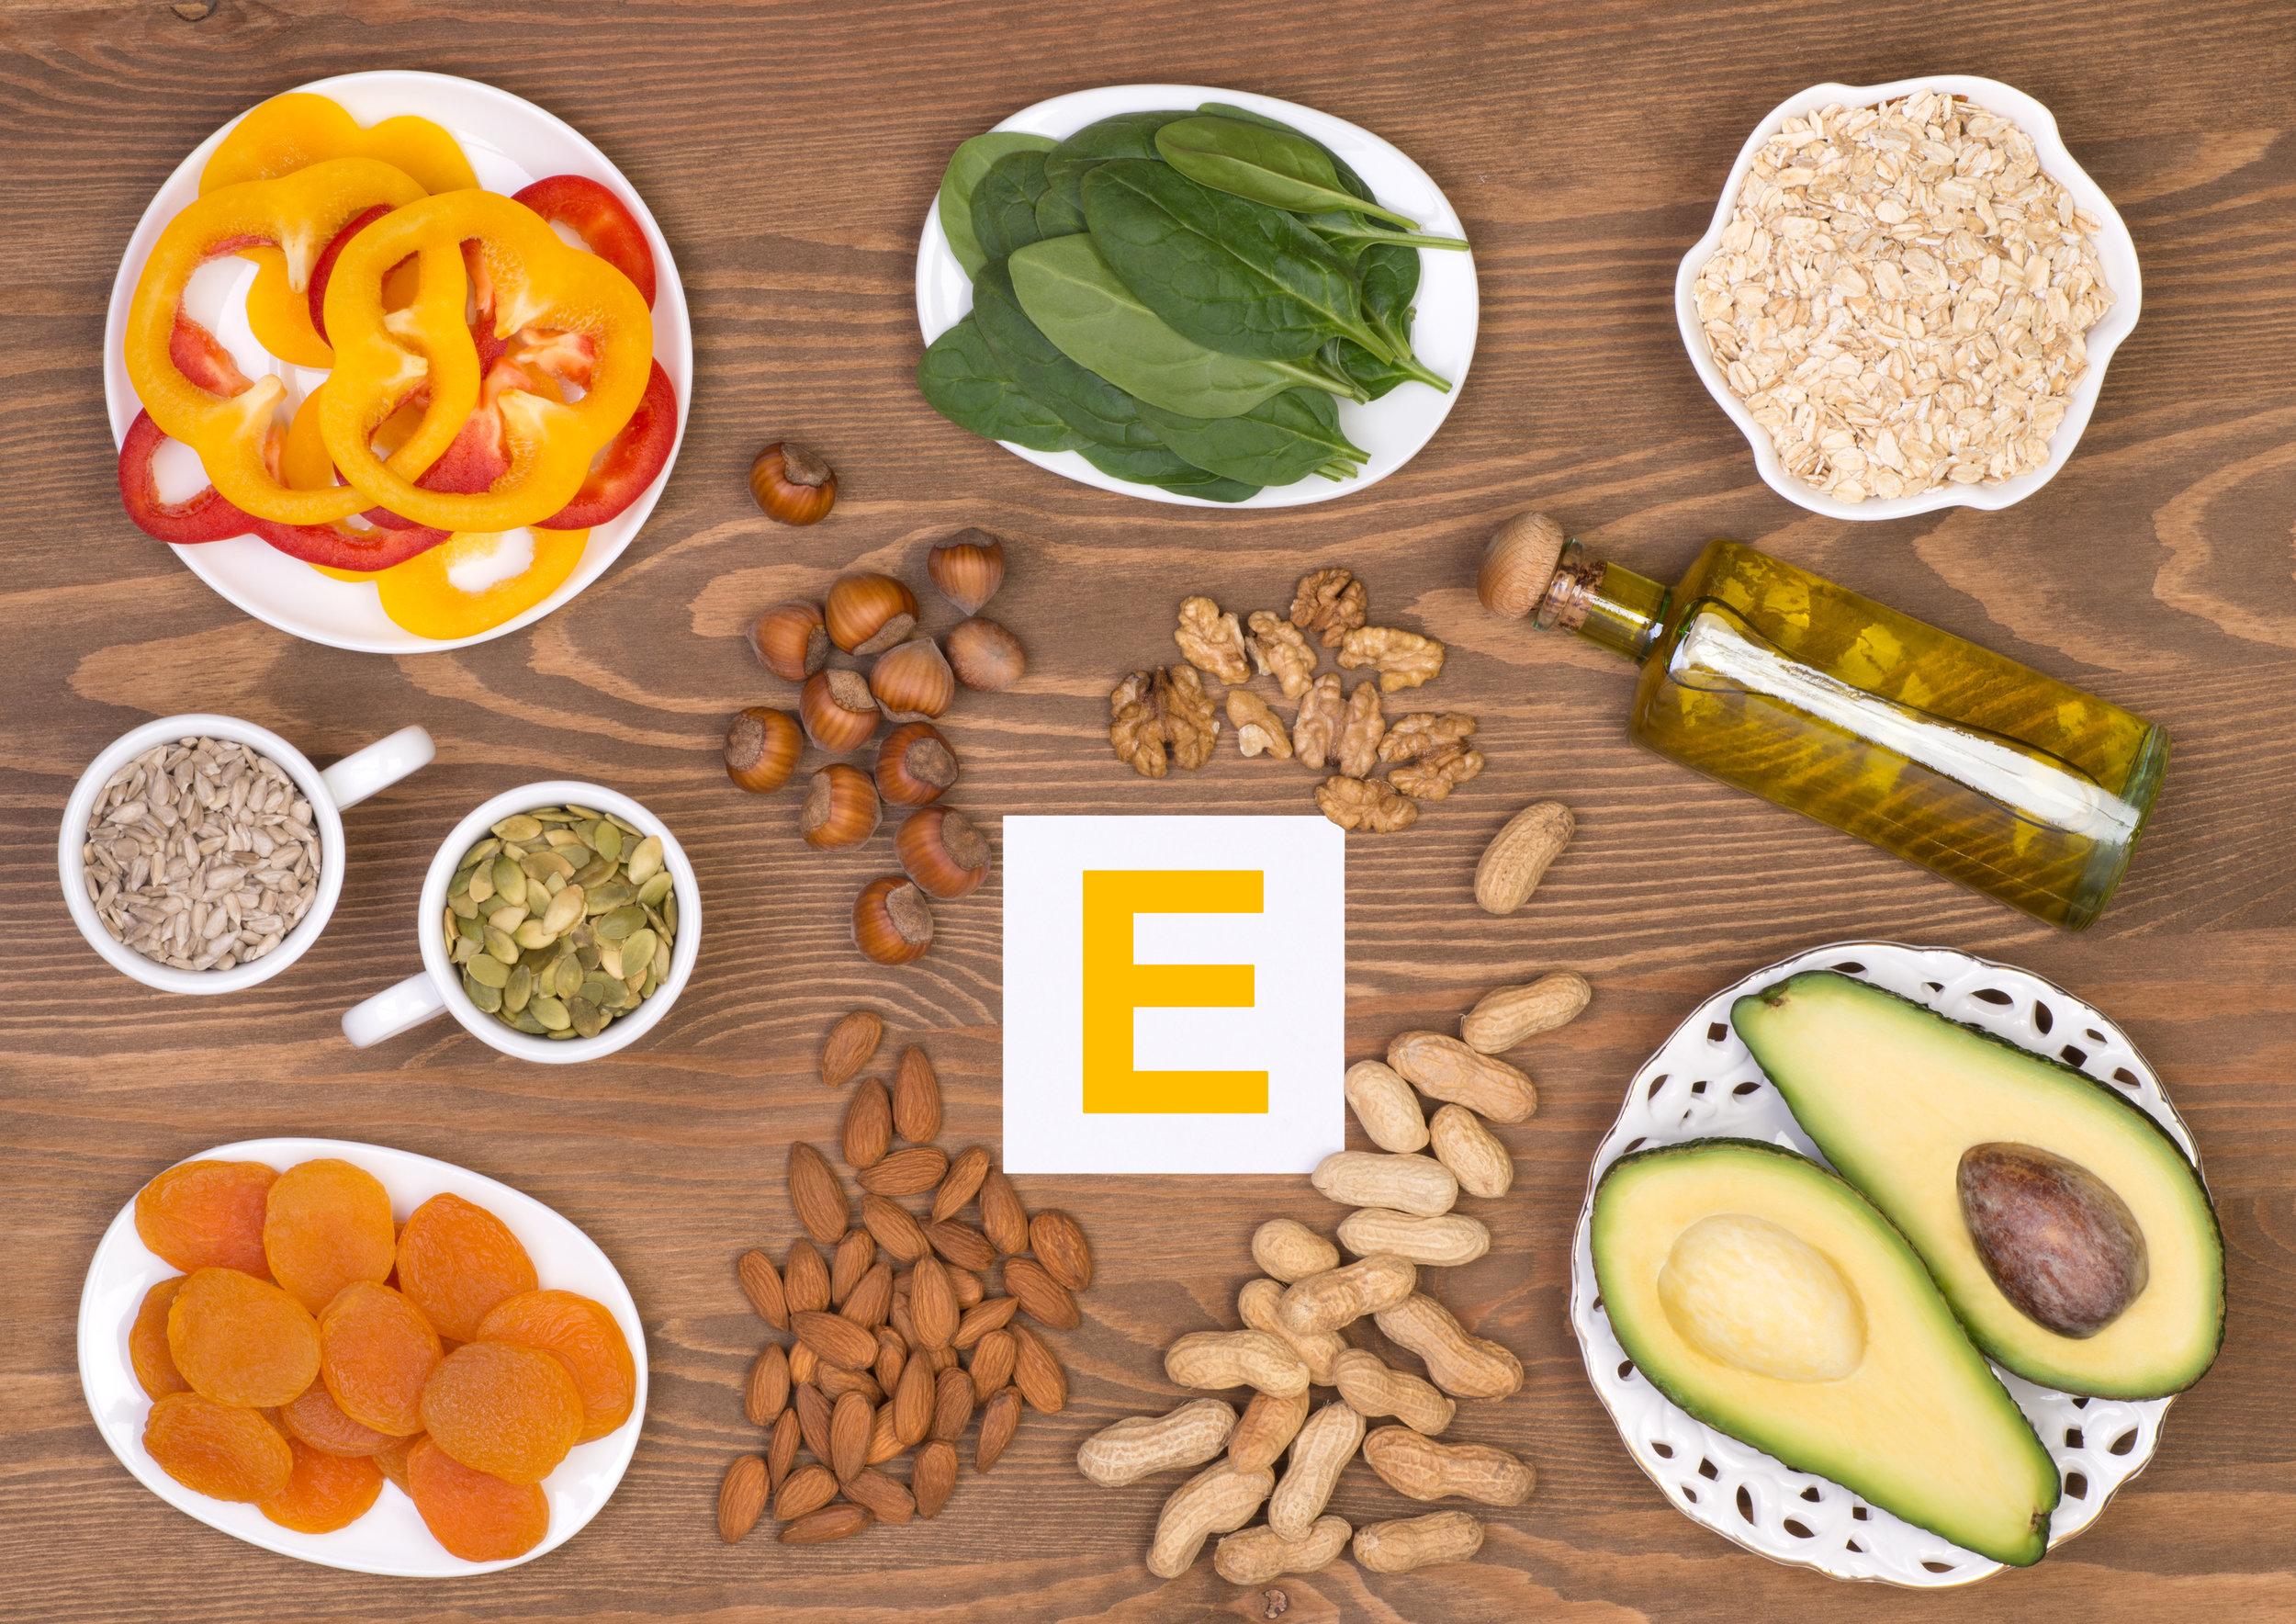 vitamina-e-a-cosa-serve-e-in-quali-alimenti-si-trova.jpg